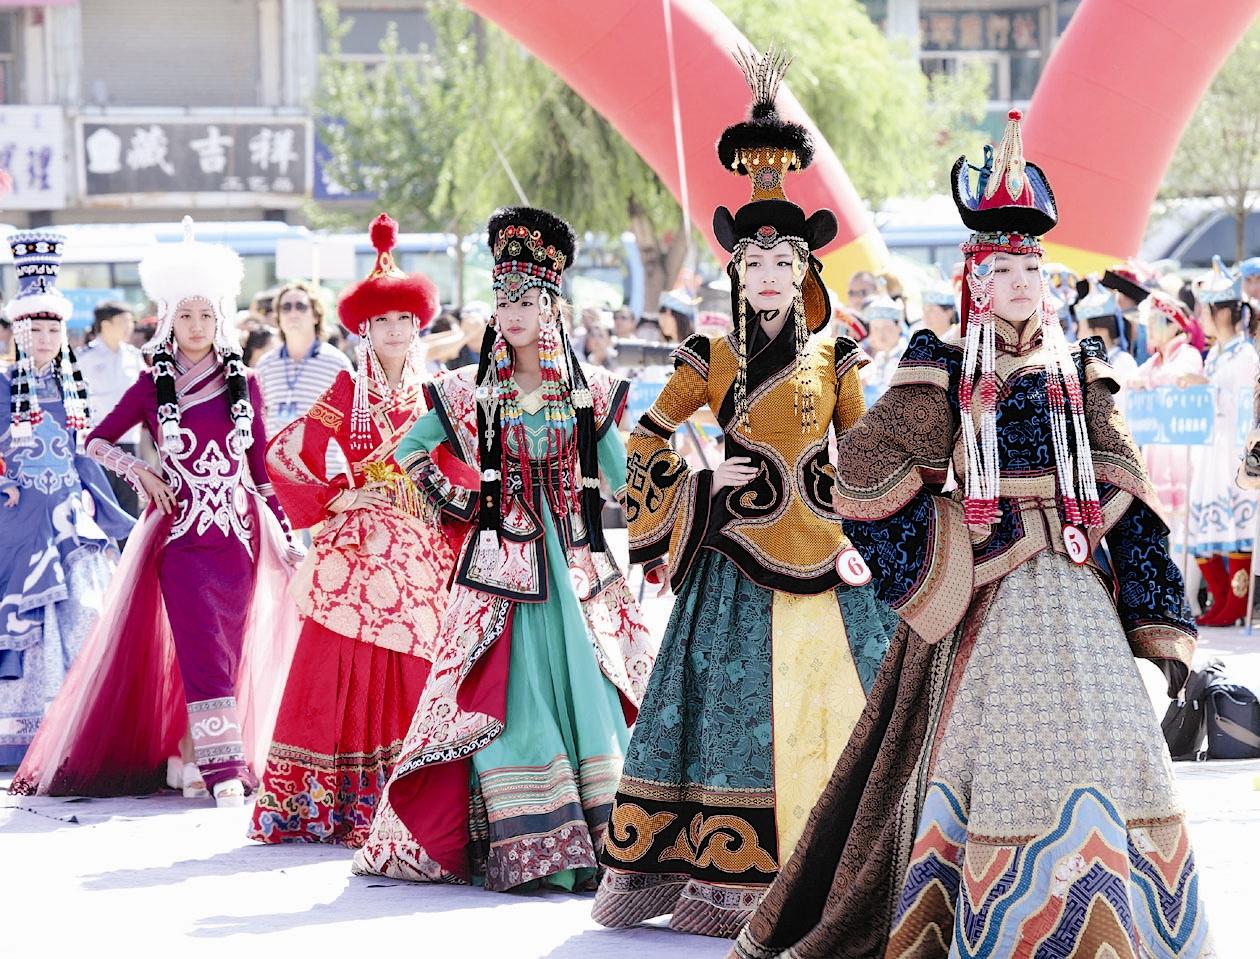 第十届中国蒙古族服装服饰展示 -西江都市报多媒体数字报刊平台图片